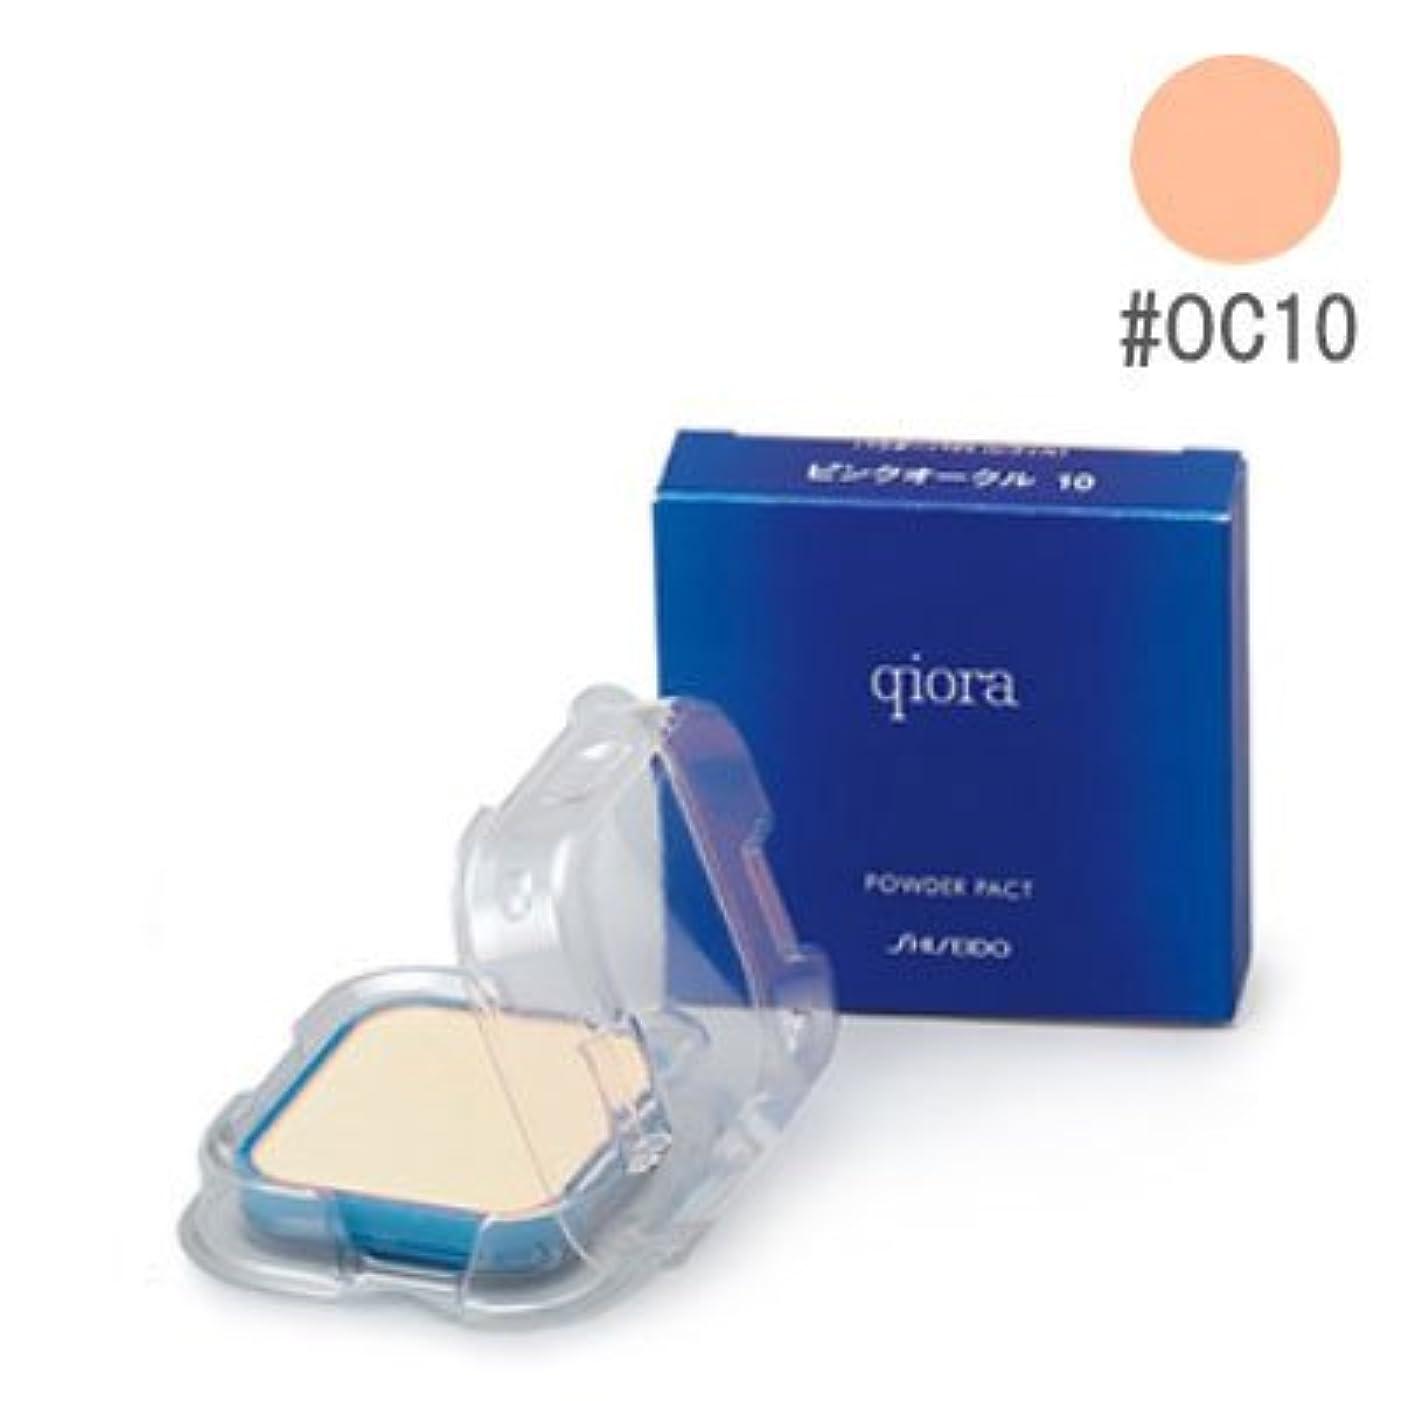 刈り取るもろい解く資生堂キオラ[qiora]パウダーパクト#OC10